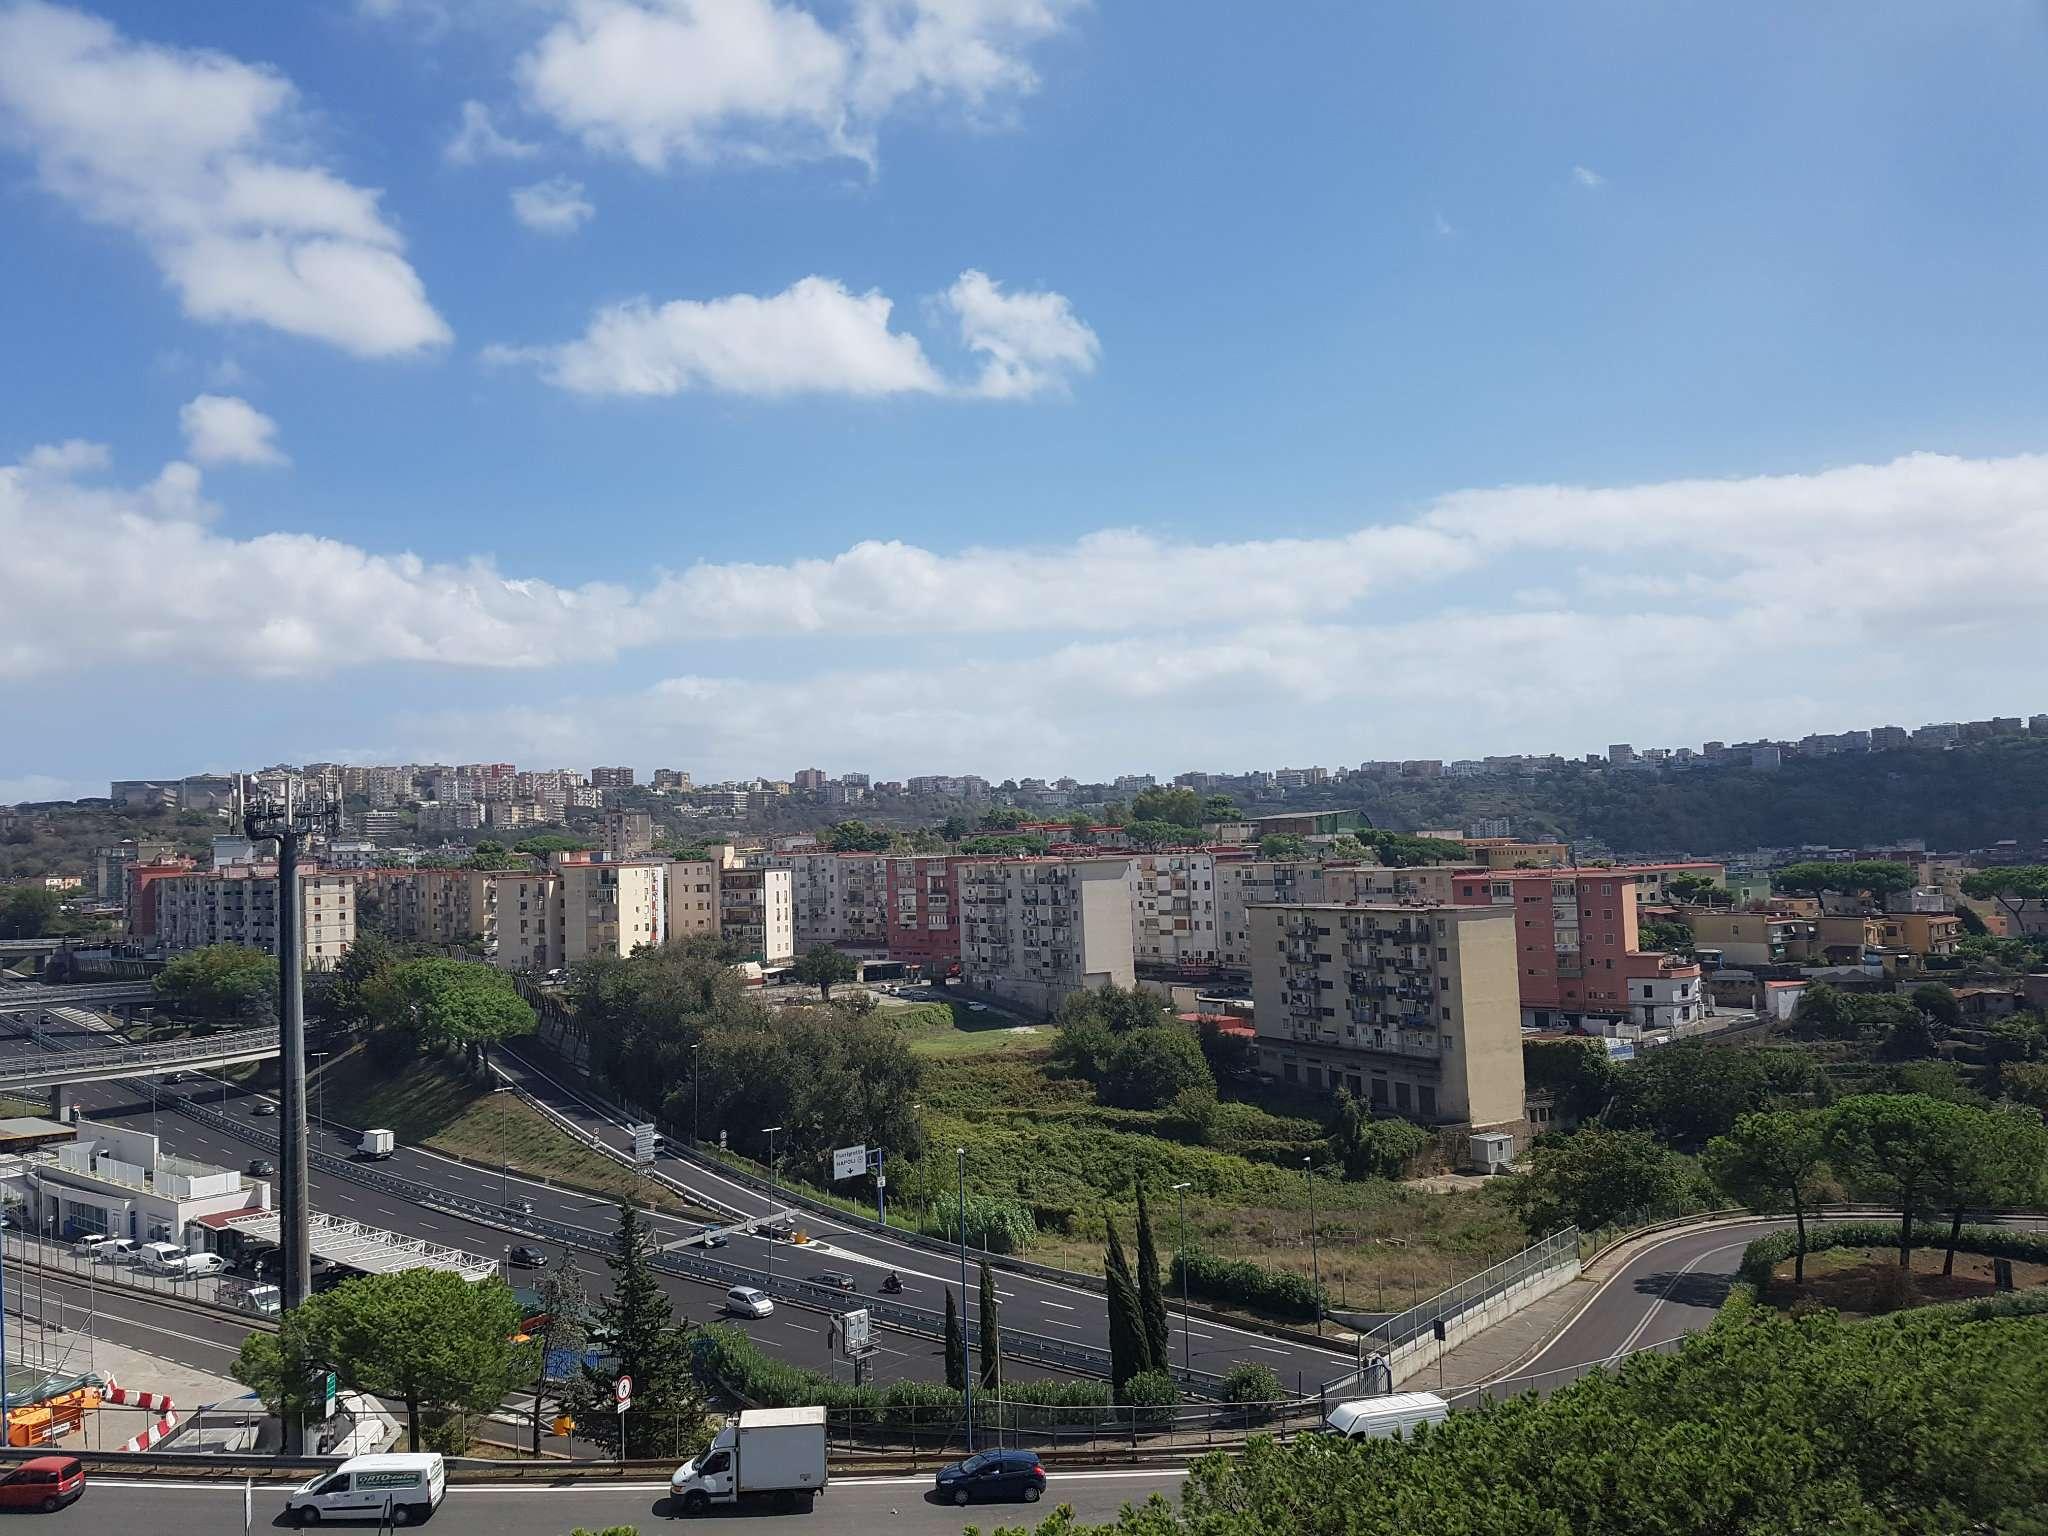 Appartamento in affitto a Napoli, 3 locali, zona Zona: 10 . Bagnoli, Fuorigrotta, Agnano, prezzo € 1.000 | CambioCasa.it